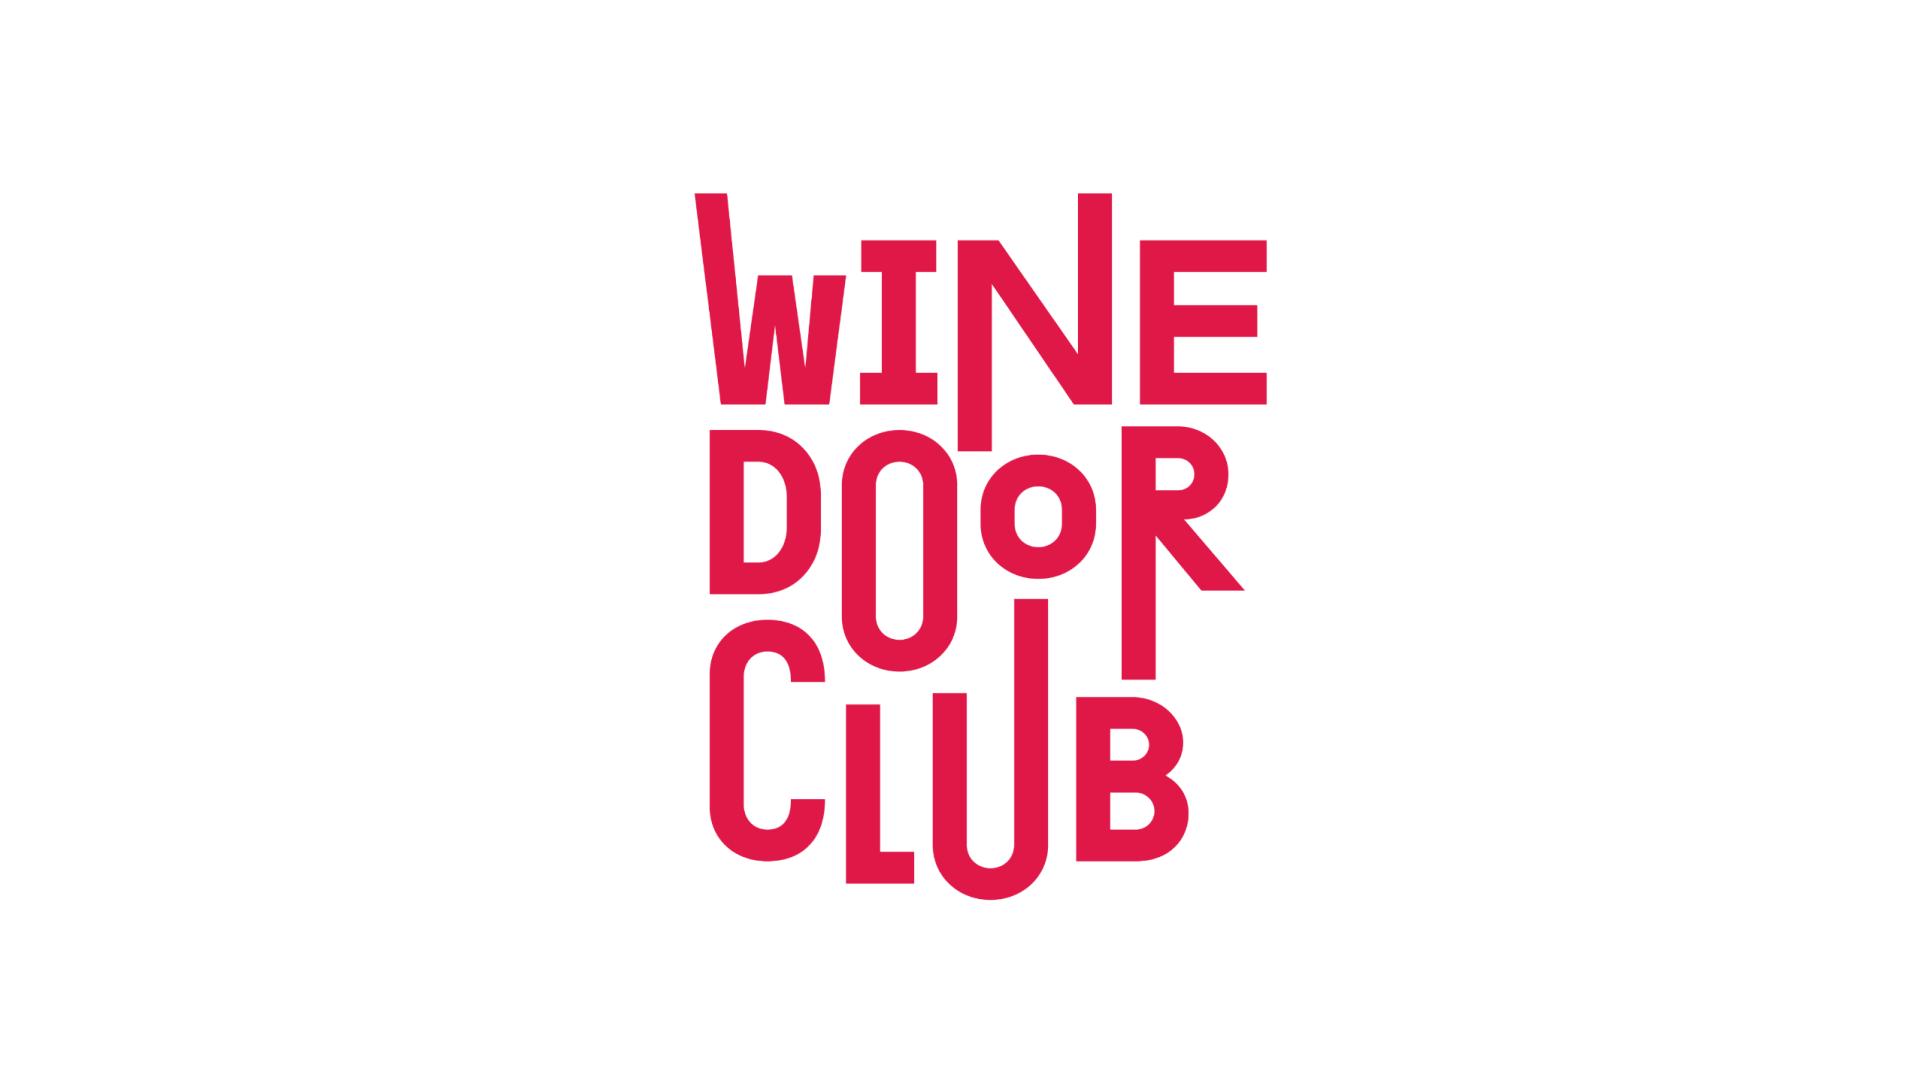 Wine Door Club projekt logo